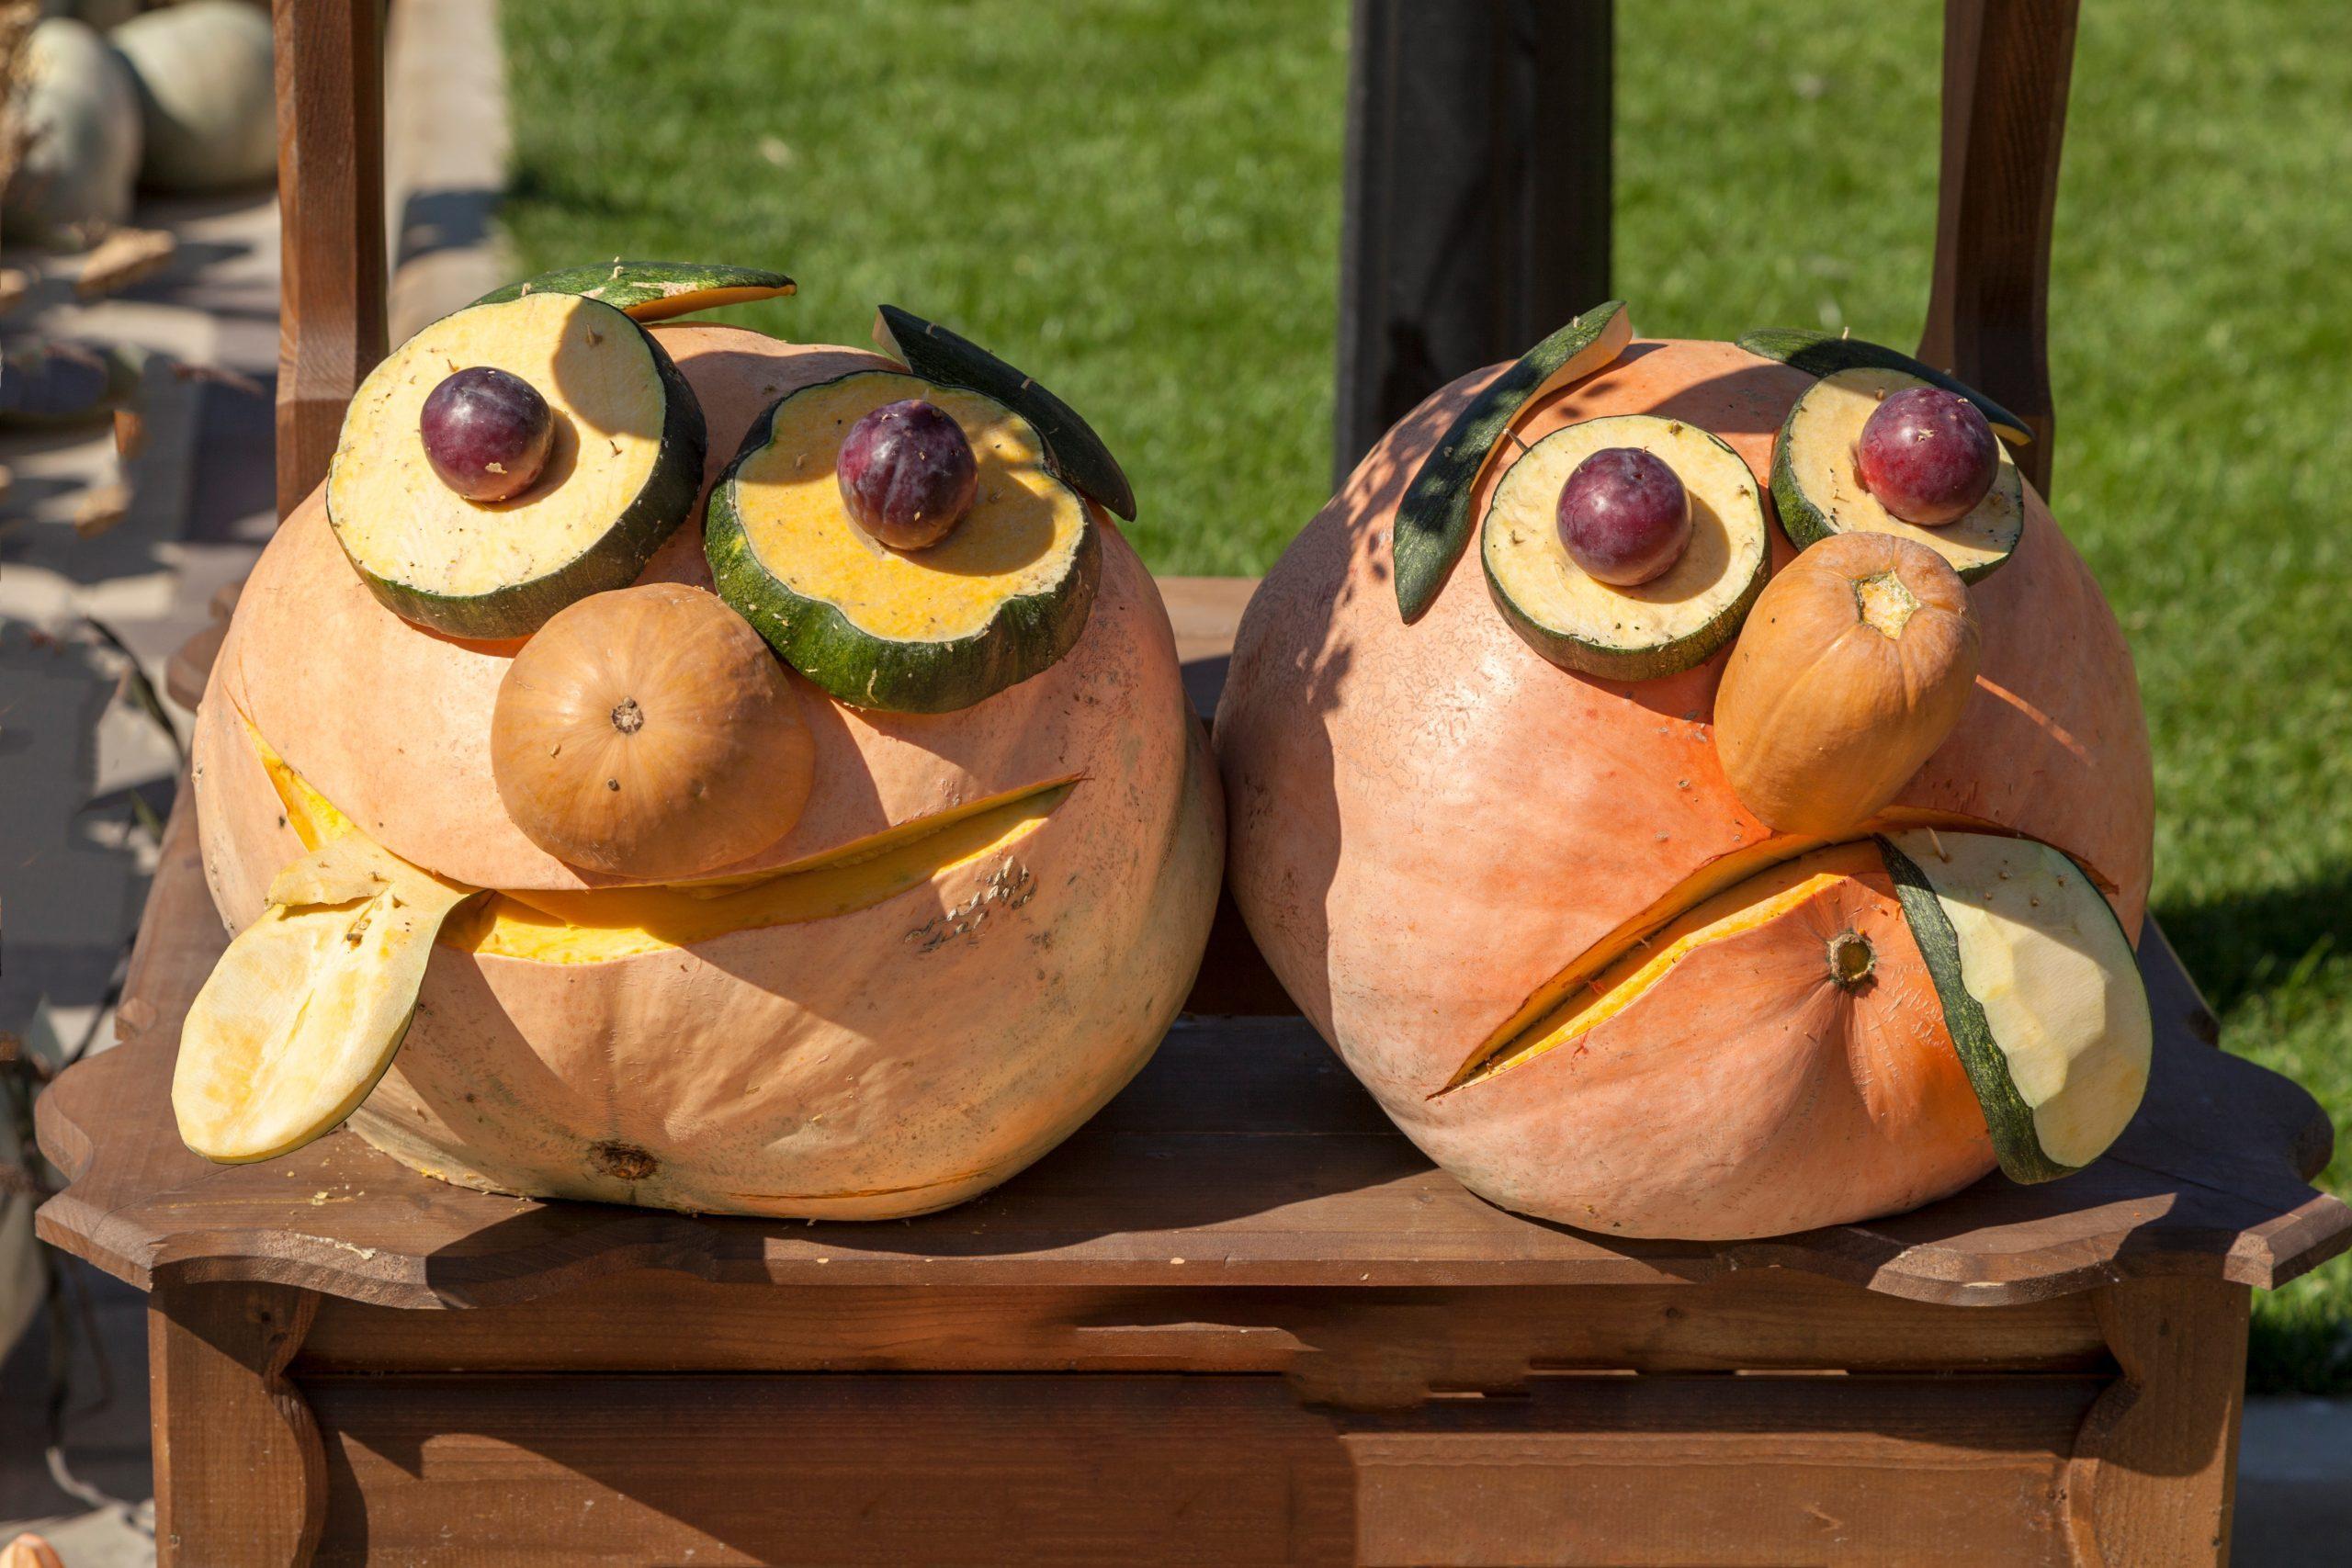 golden autumn, large different pumpkins, Different varieties of pumpkins, a wooden cart with pumpkins,Funny crafts made of pumpkins,